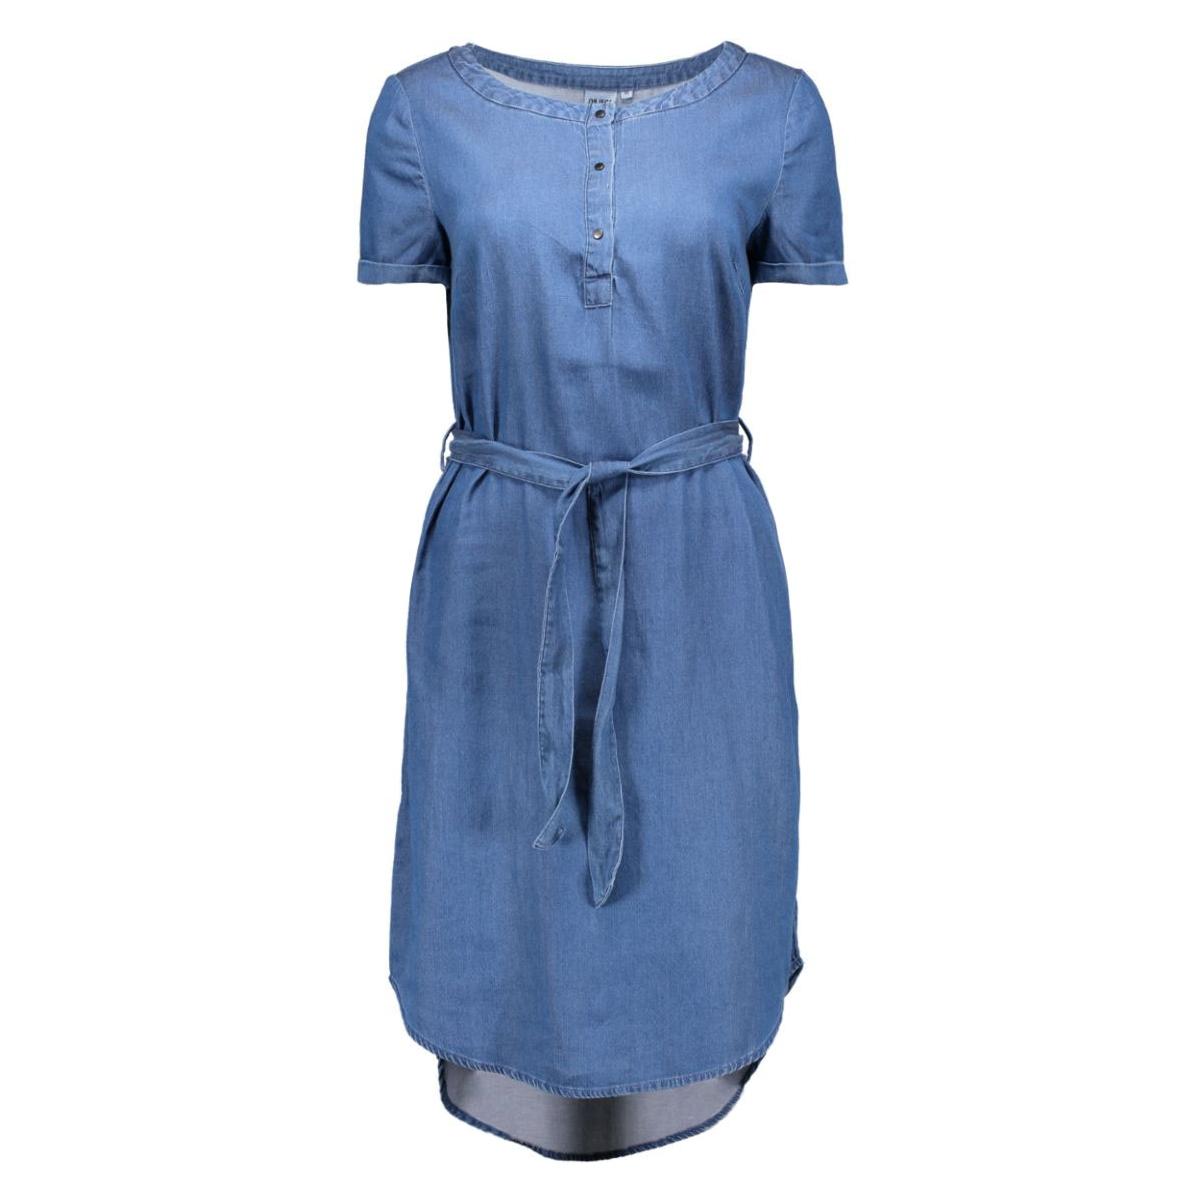 objnoa s/s dress  23024268 object jurk medium blue denim